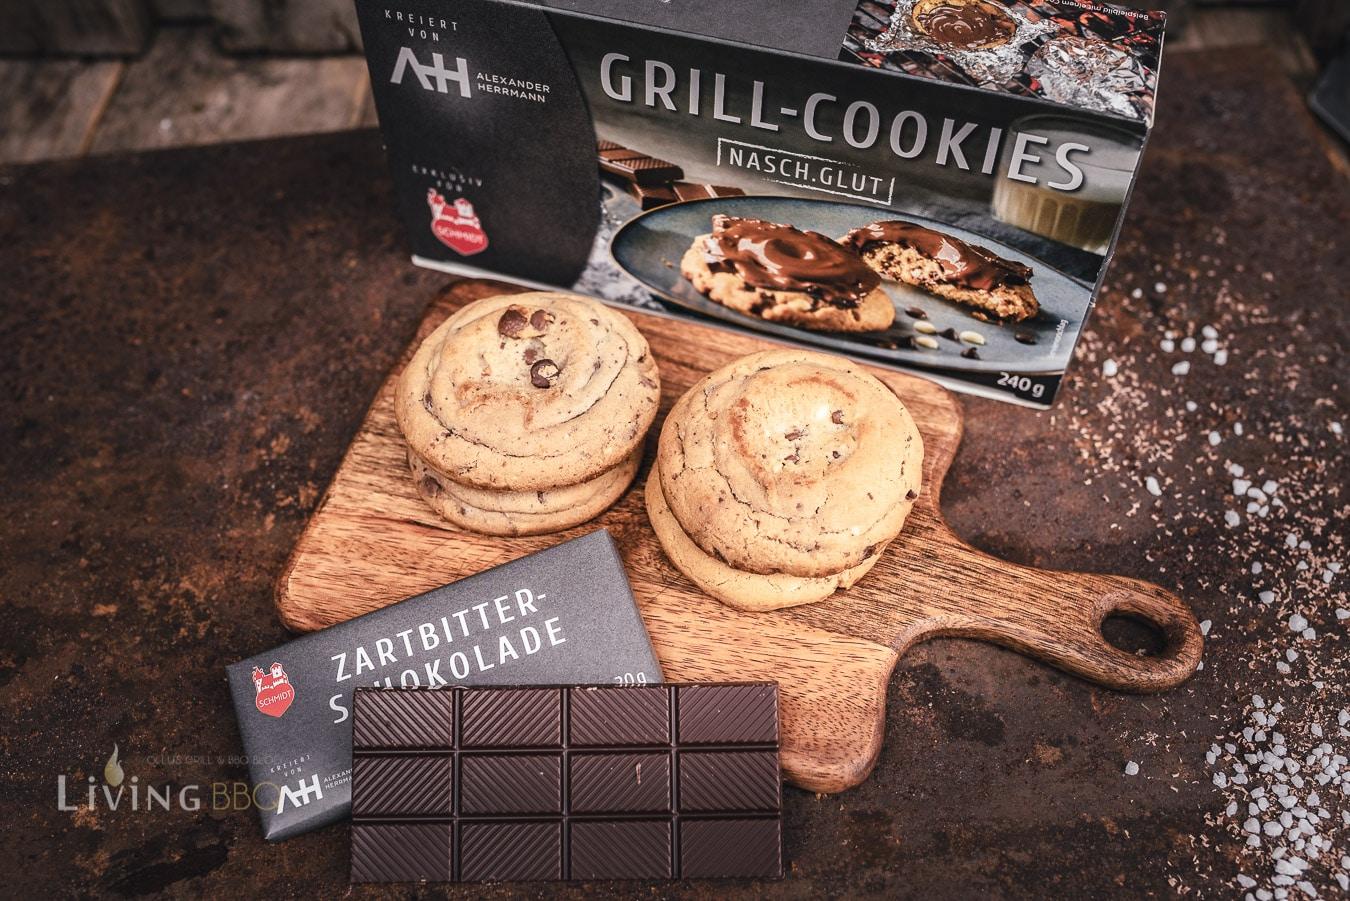 Grill Cookies von Lebkuchen Schmidt und Alexander Herrmann